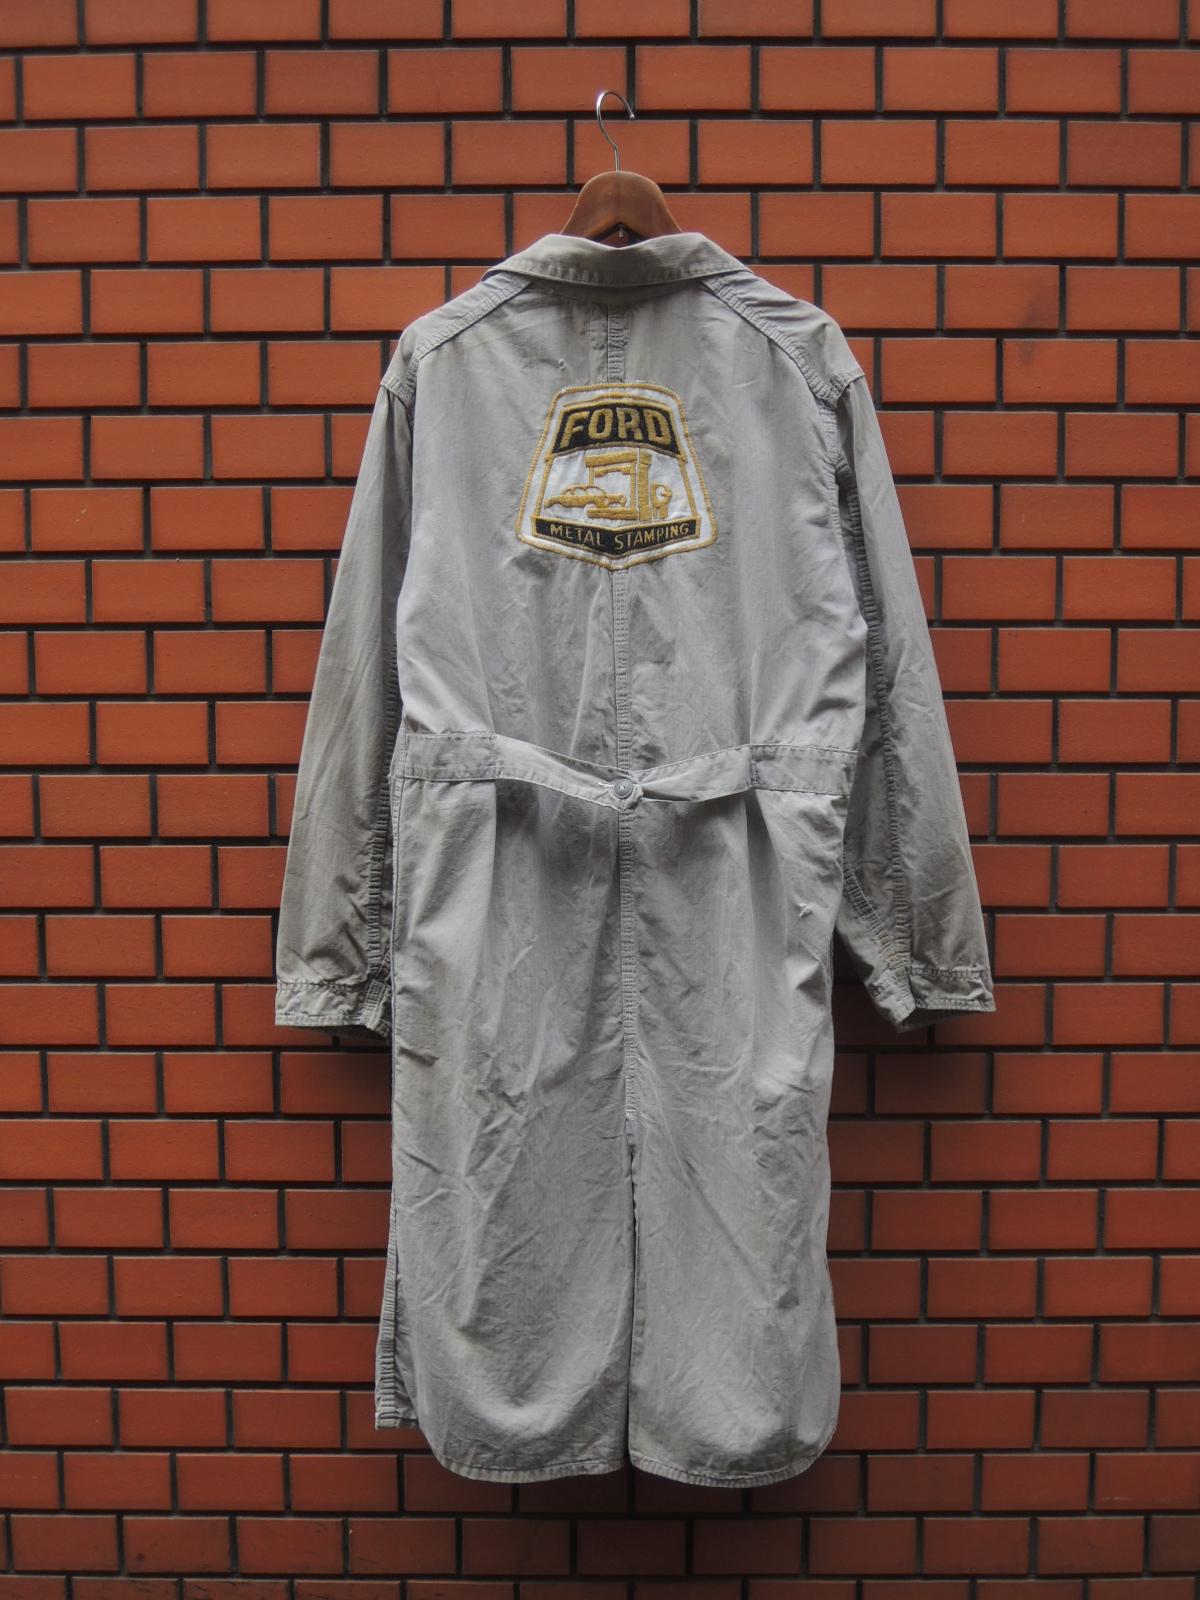 Herringboneshopcoat_08.JPG